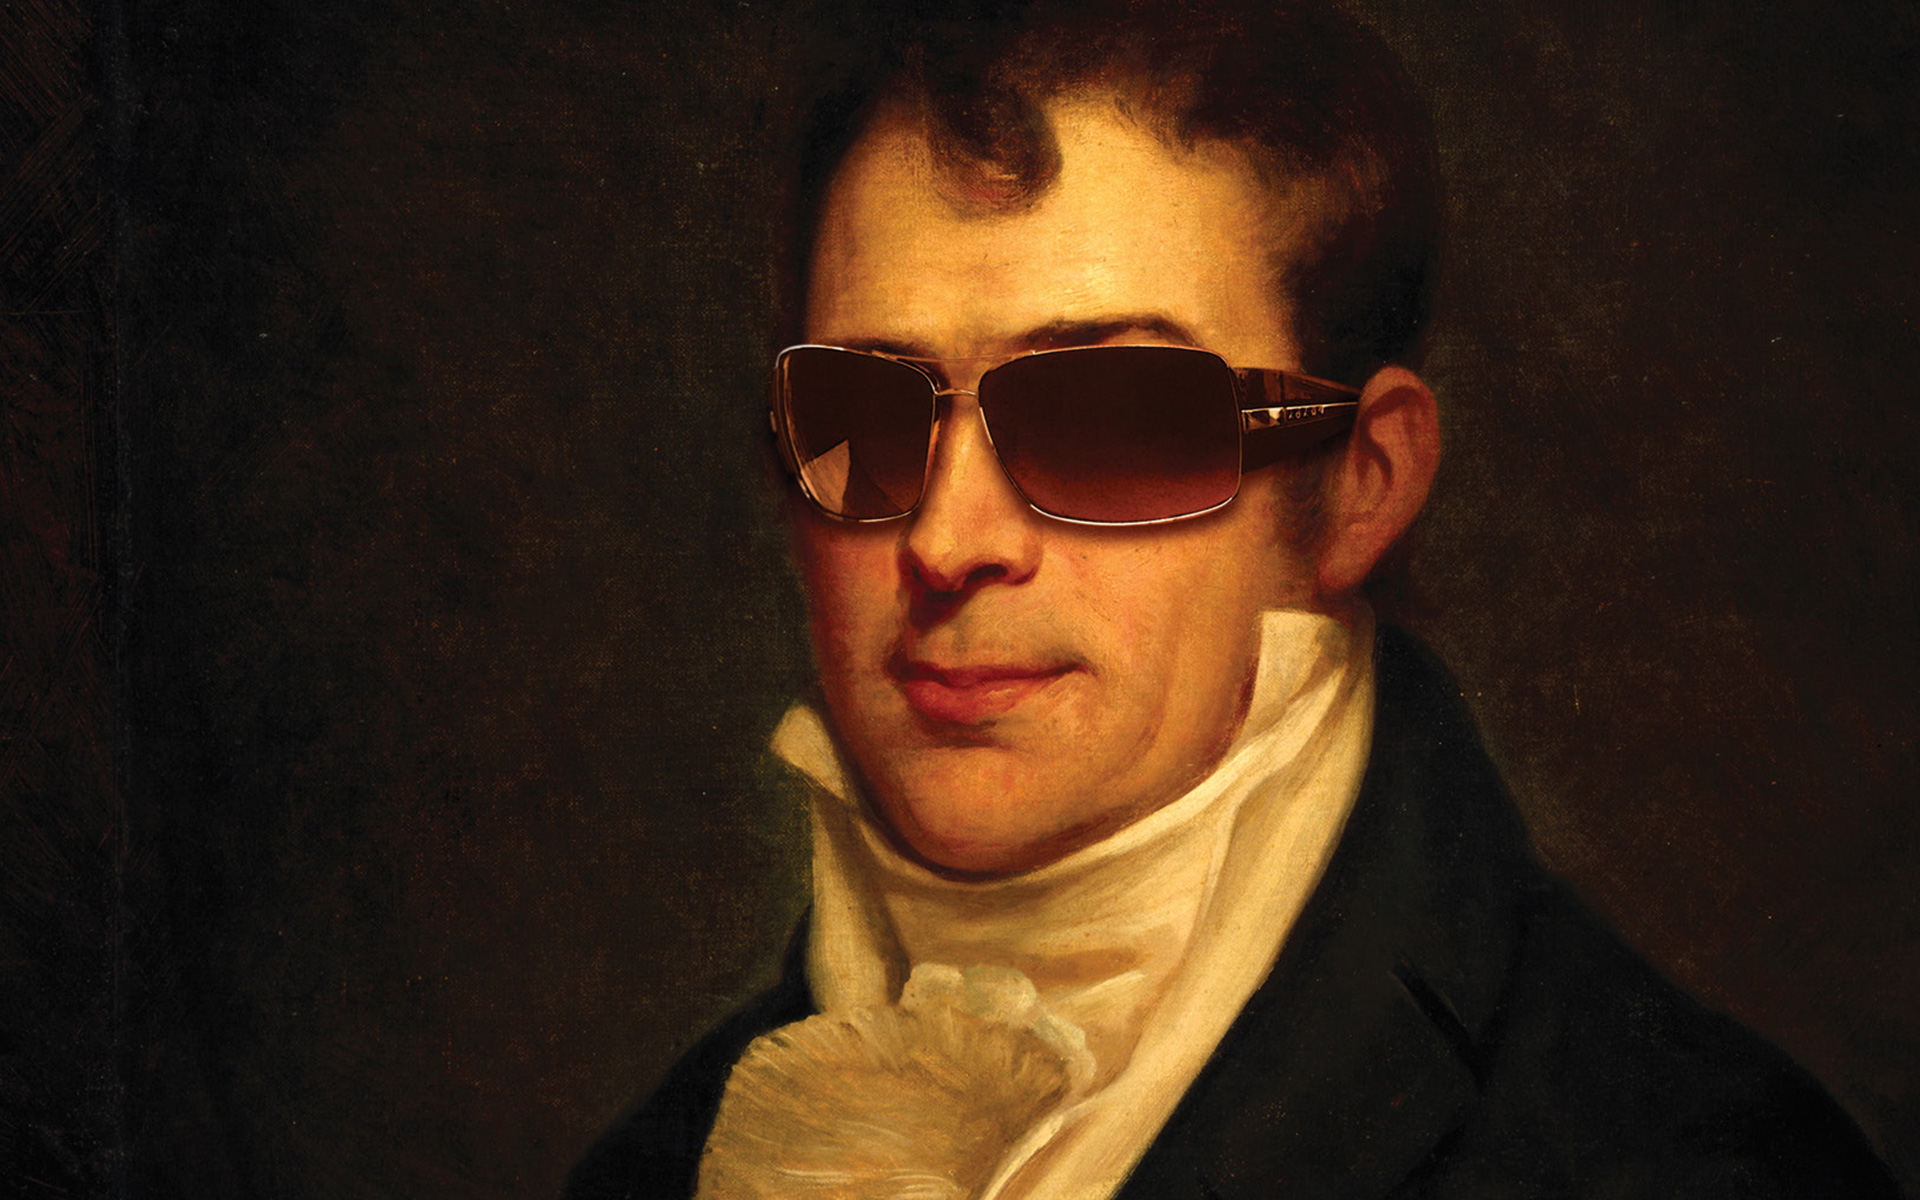 Oddfellows sunglasses fellow